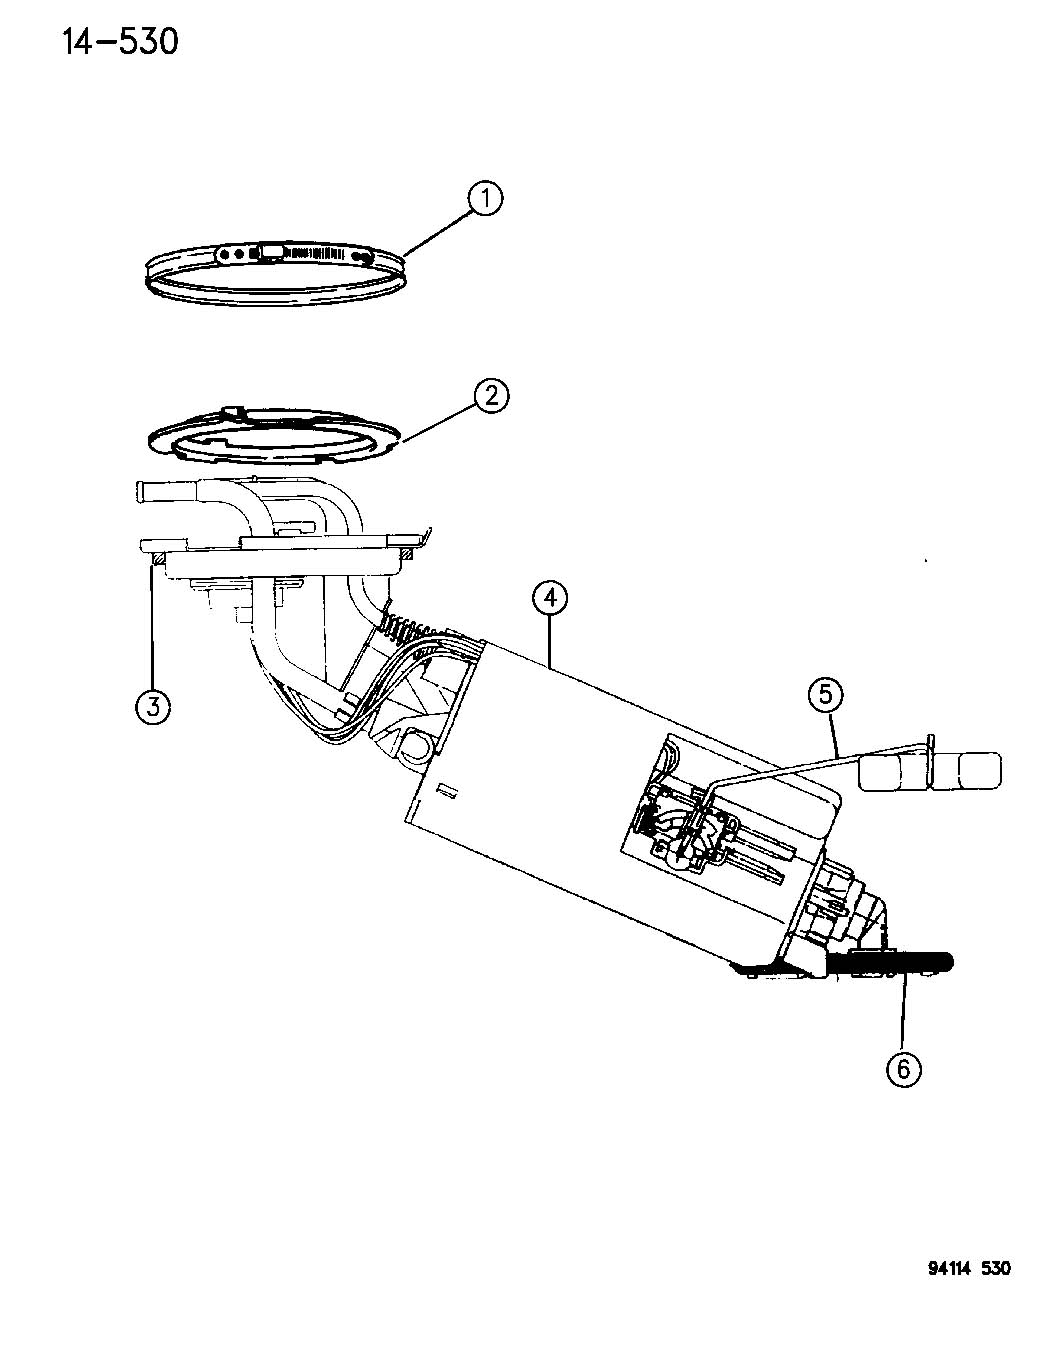 Dodge Ram 1500 Grommet. Rollover valve. Fuel vent elbow